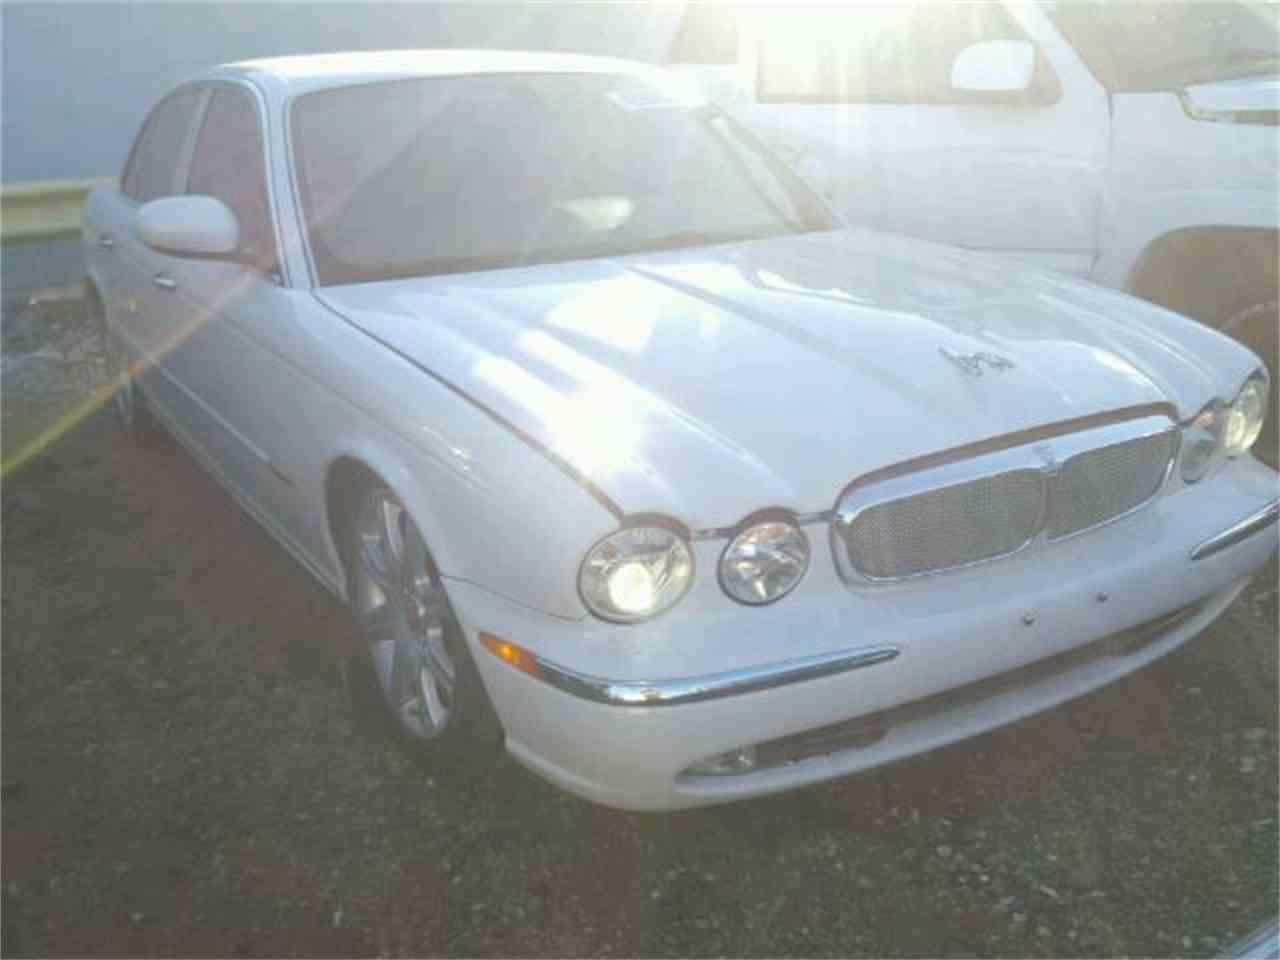 on nj online blue auctions en copart for salvage cert sale carfinder title east view auto in left lot jaguar of glassboro